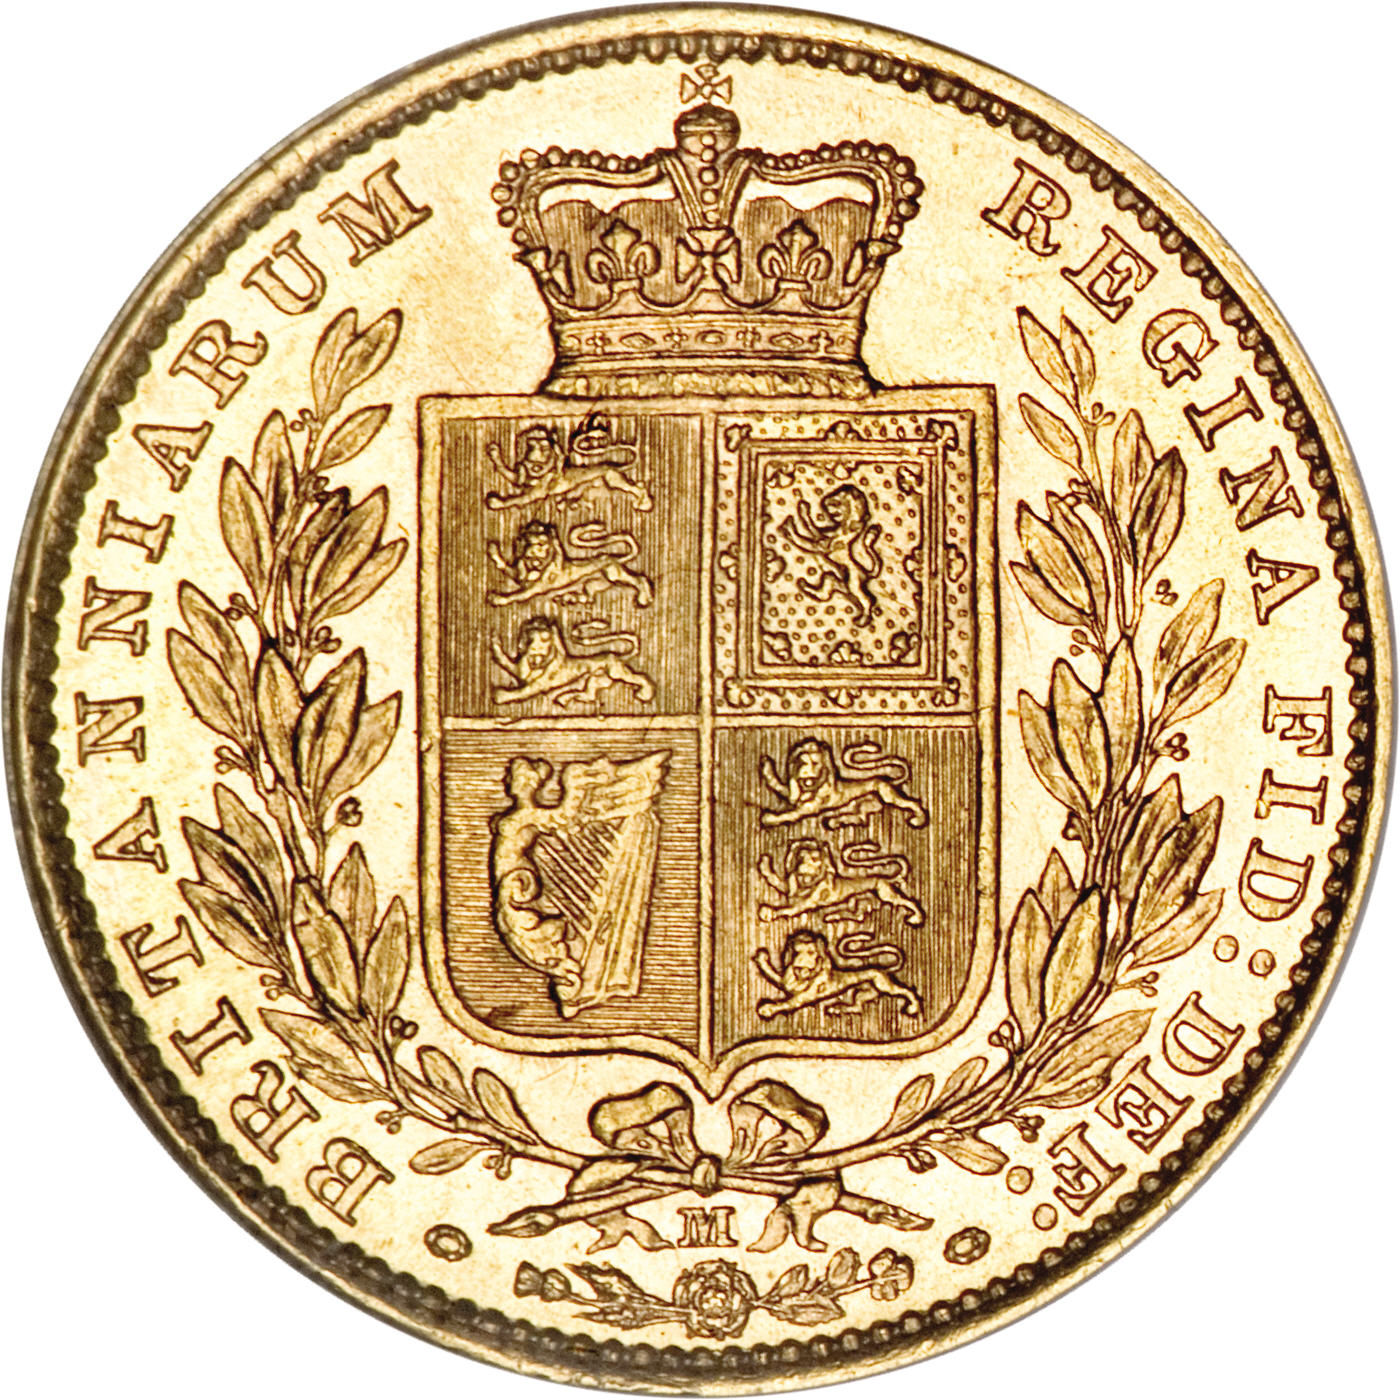 britanniarum coin